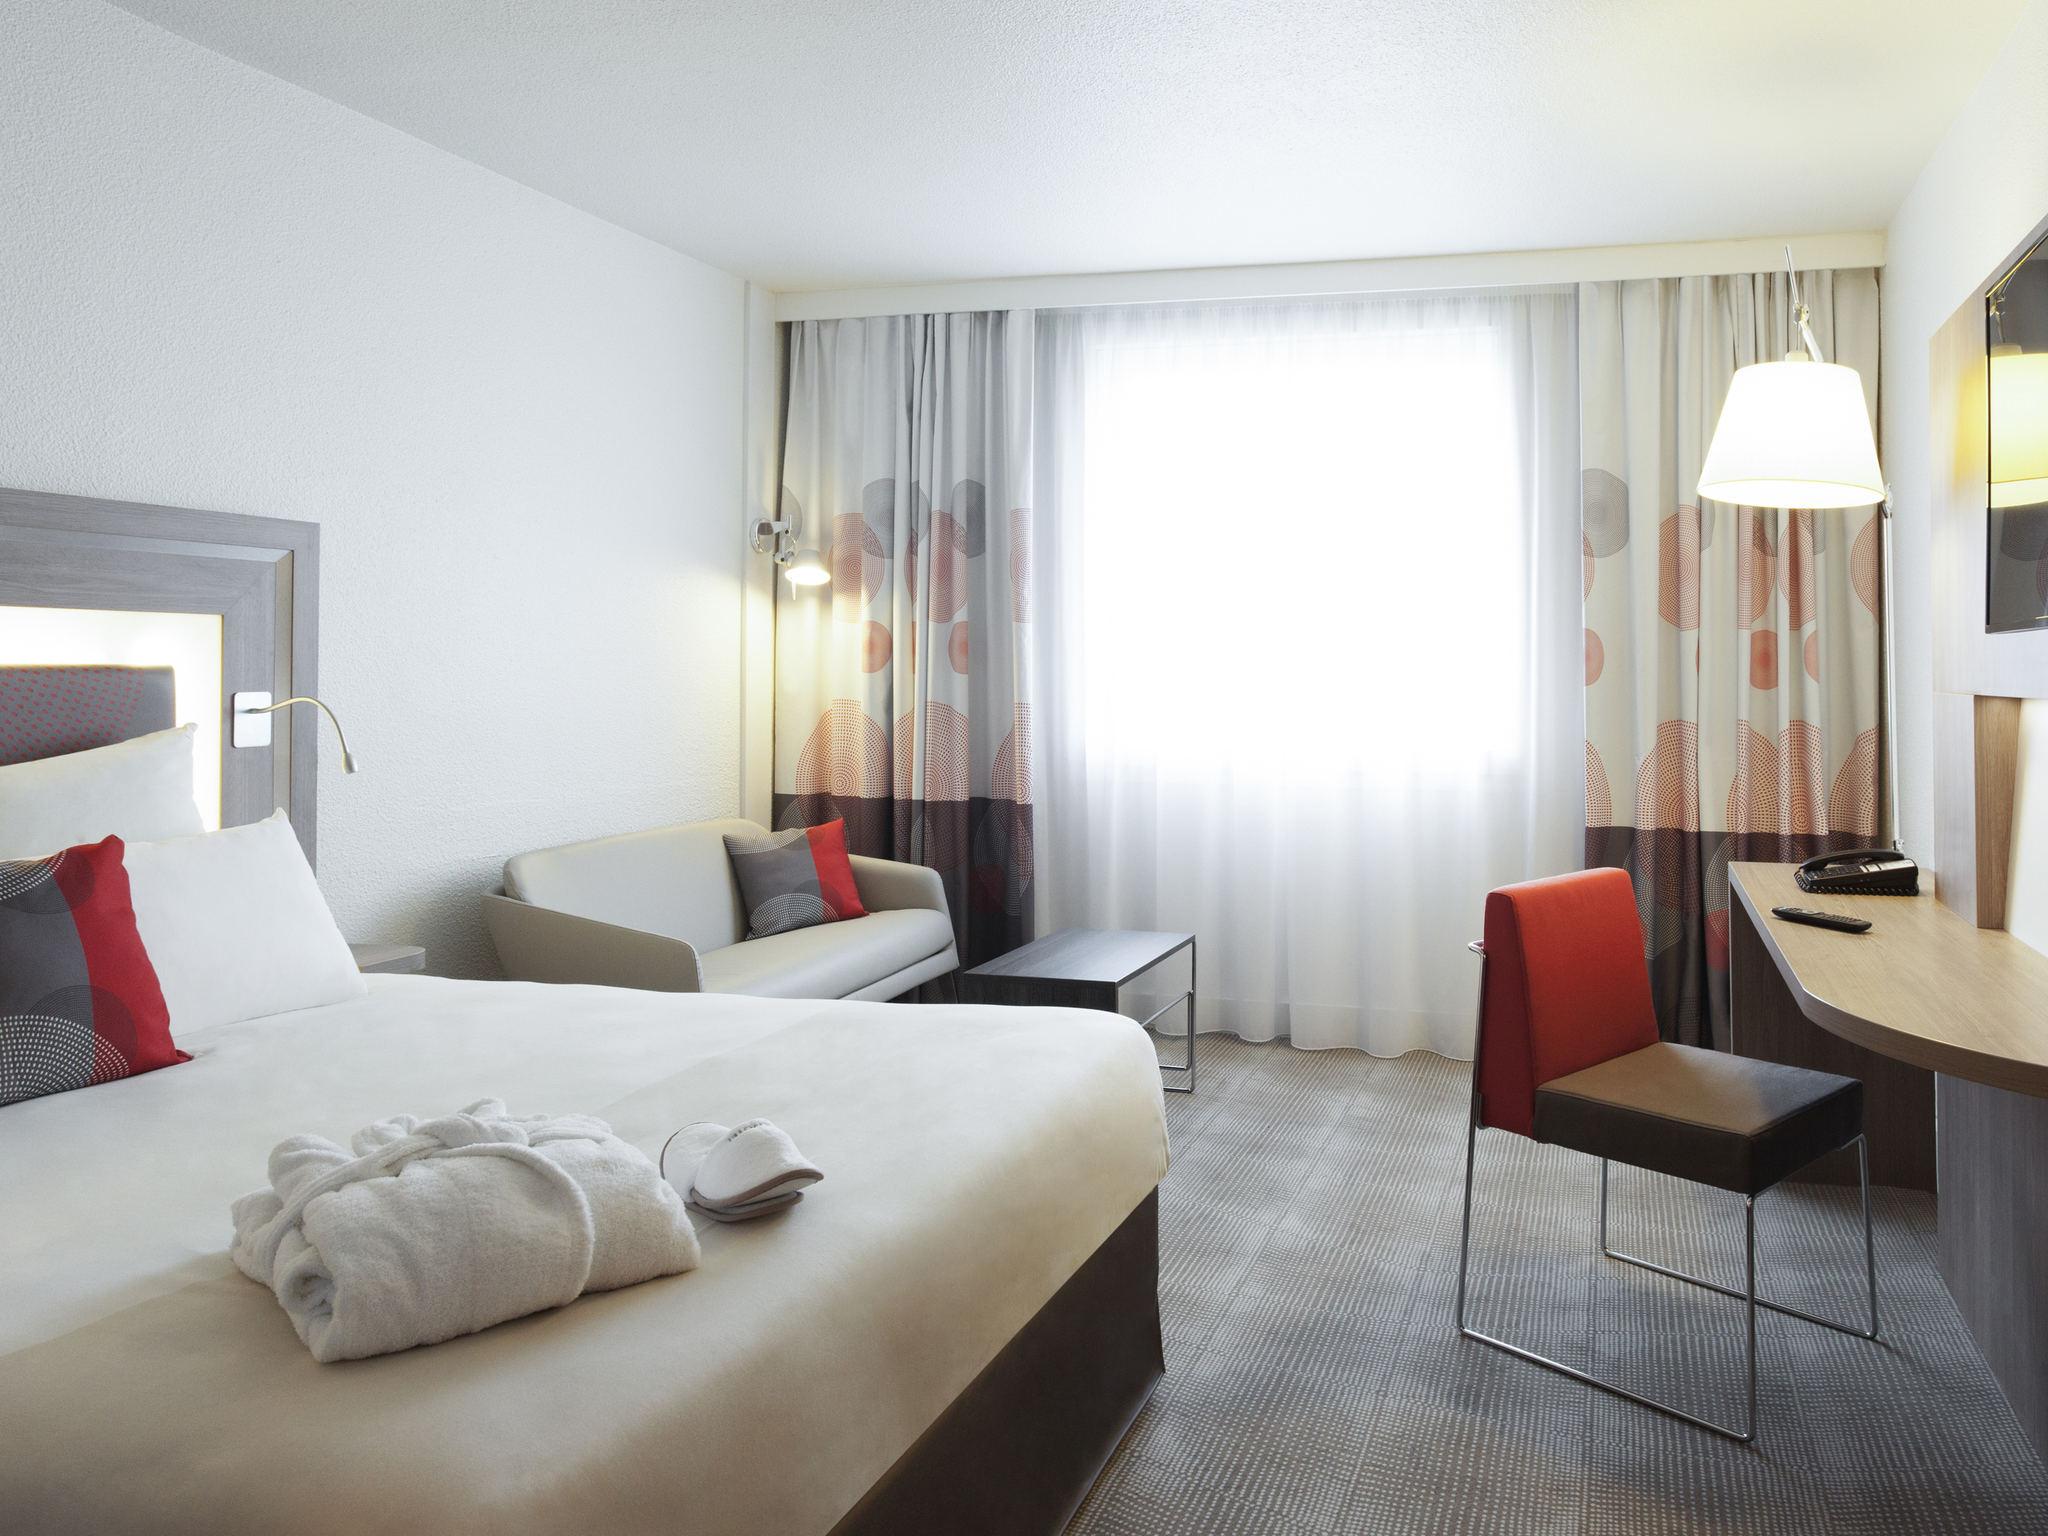 โรงแรม – โนโวเทล ปารีส 17